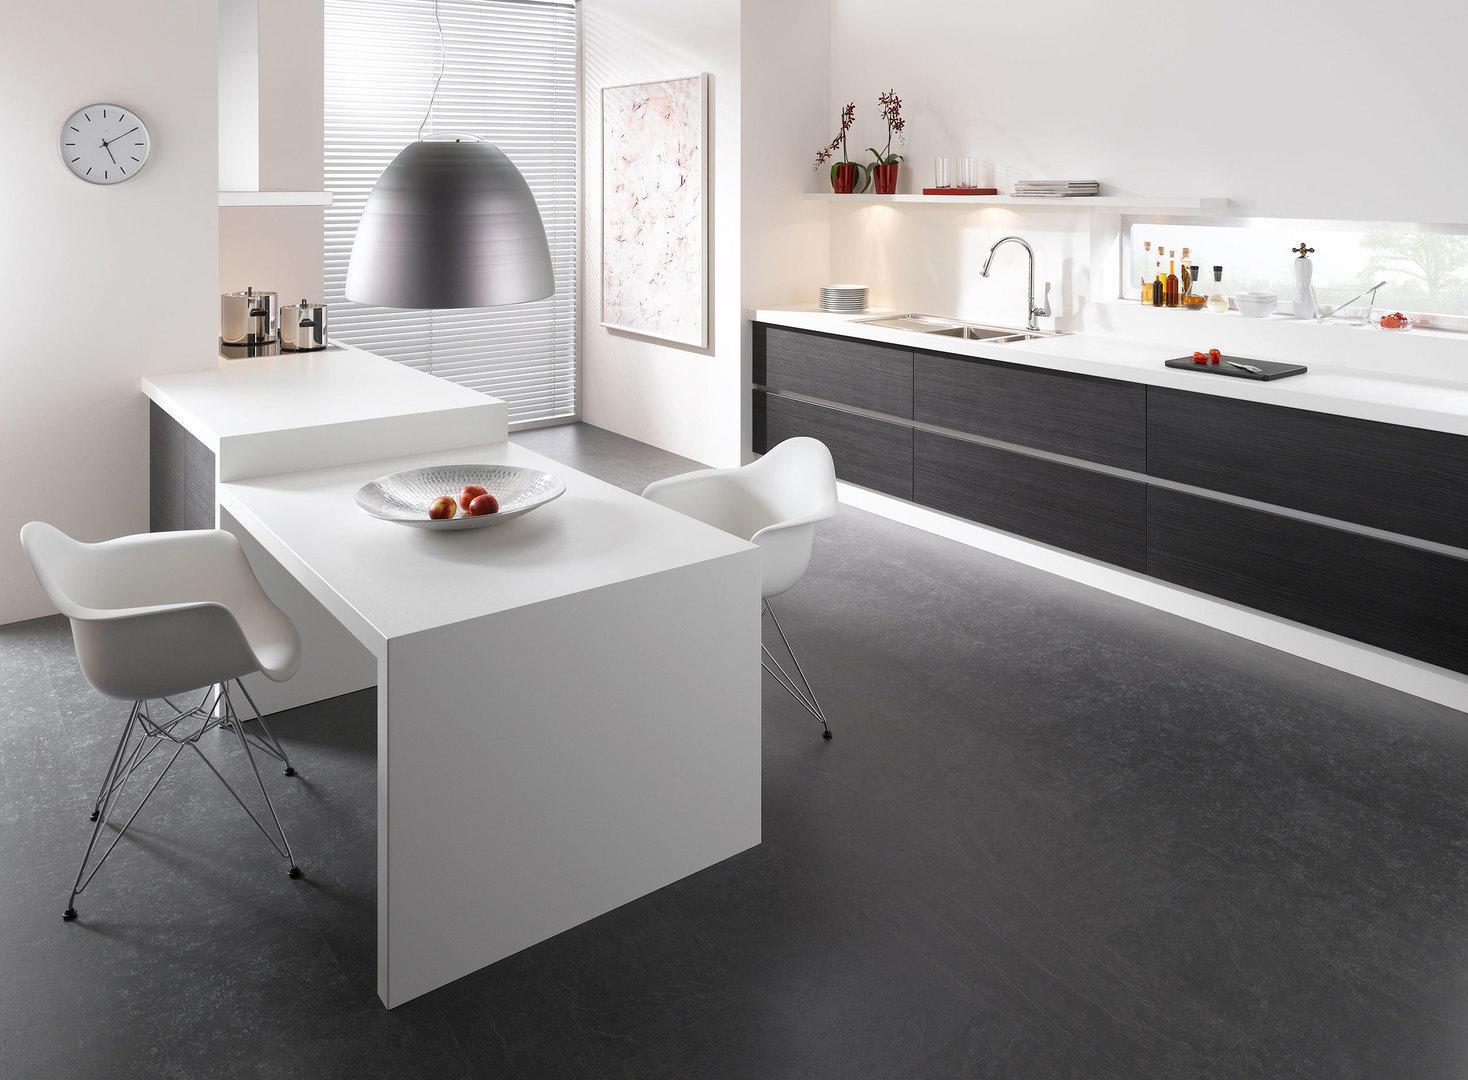 Küche - Möbelwelten | KPL Montage Möbelbau Service Stuhr